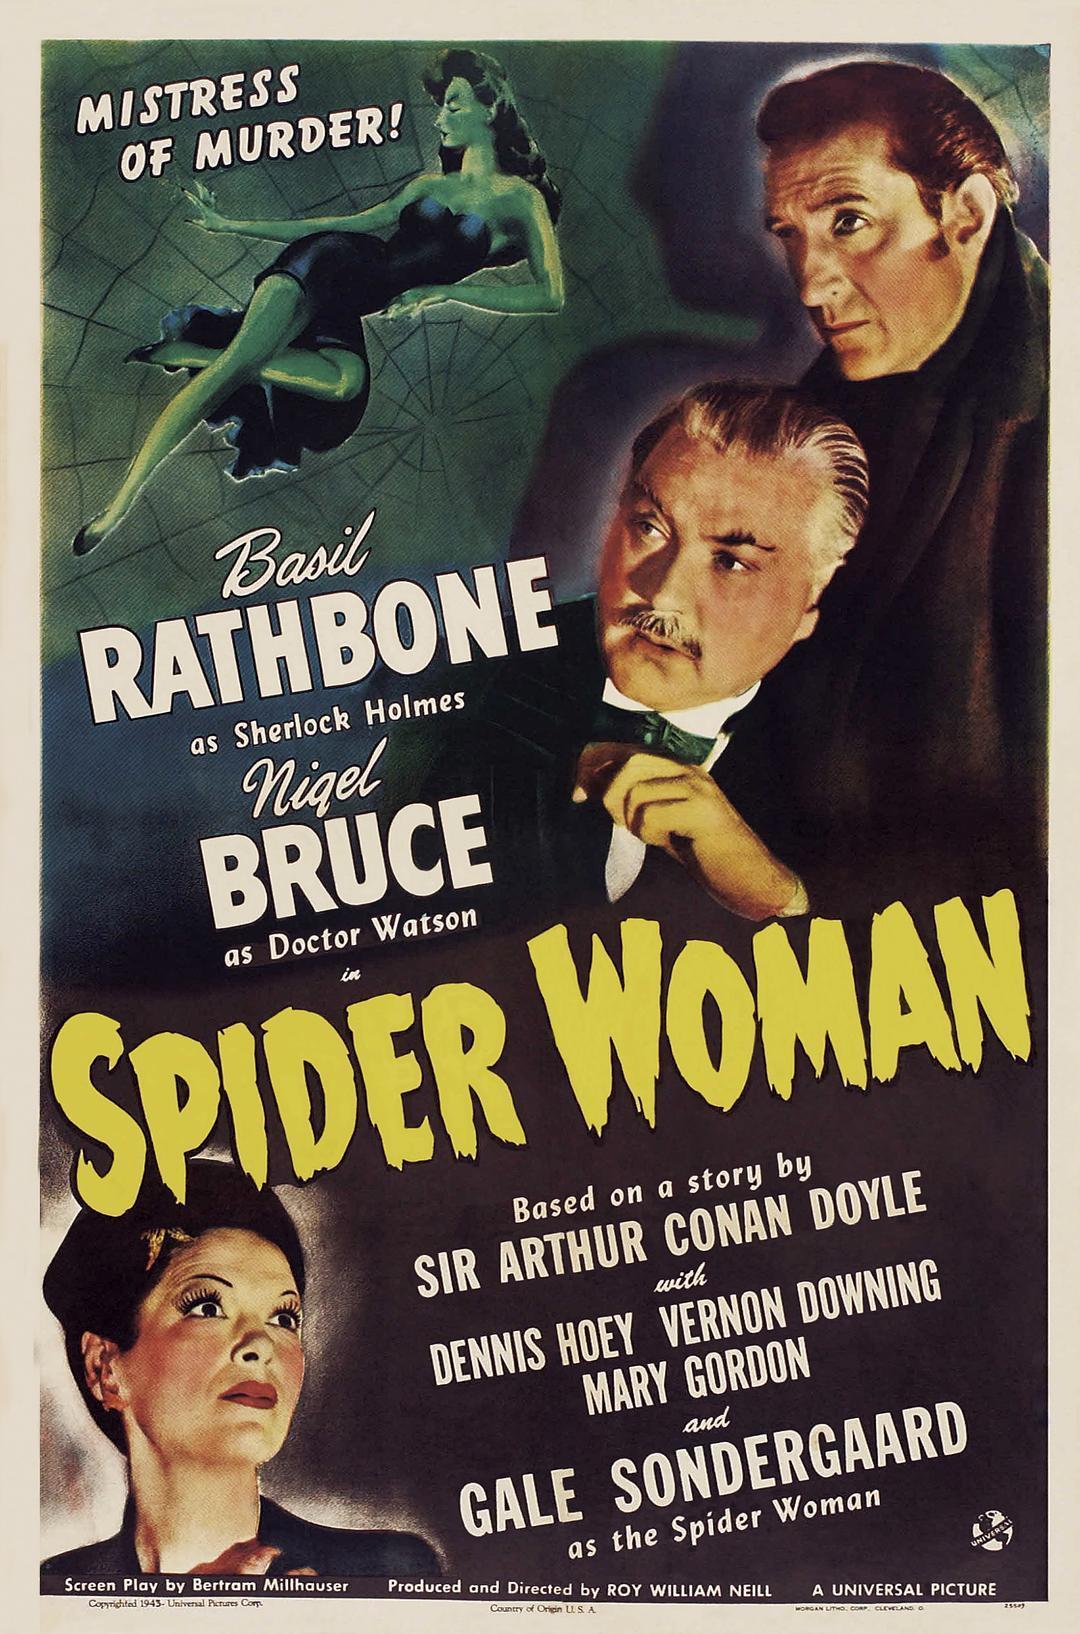 福尔摩斯和蜘蛛女